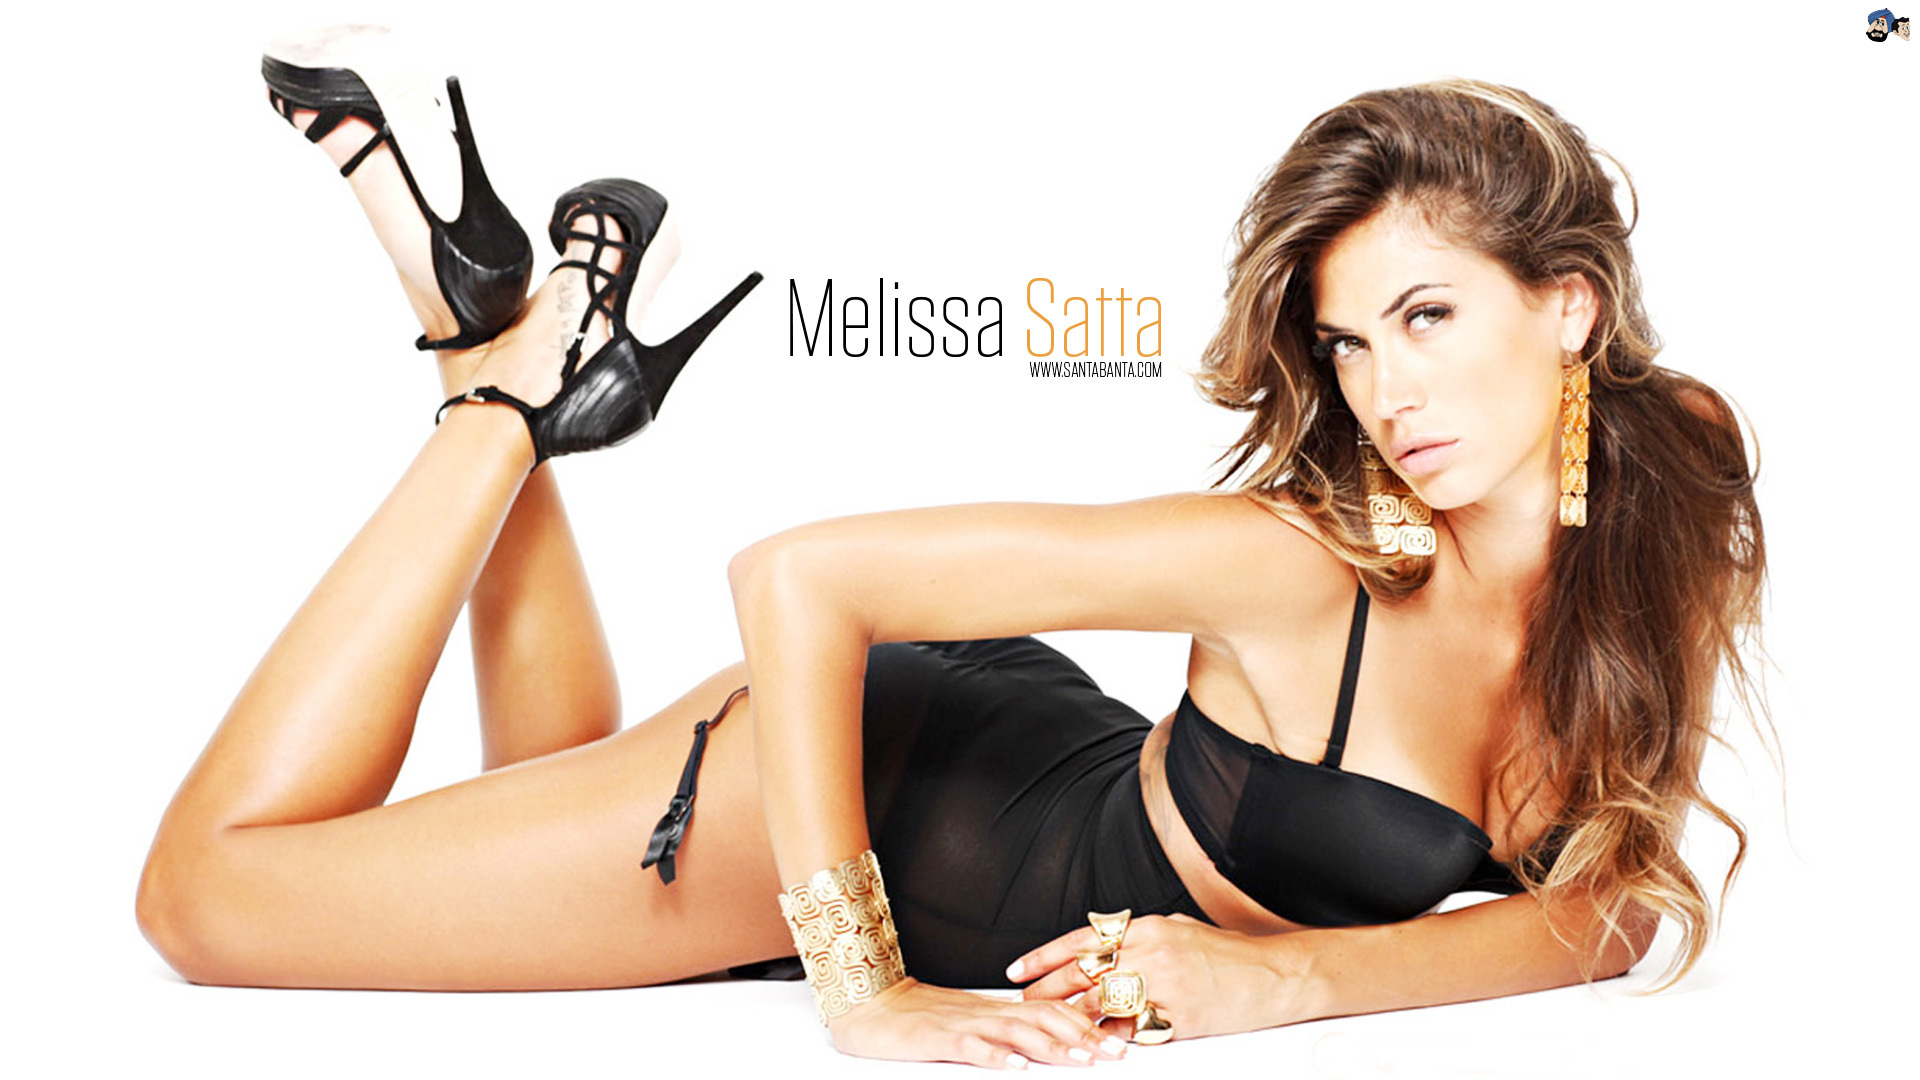 Melissa Satta Pictures